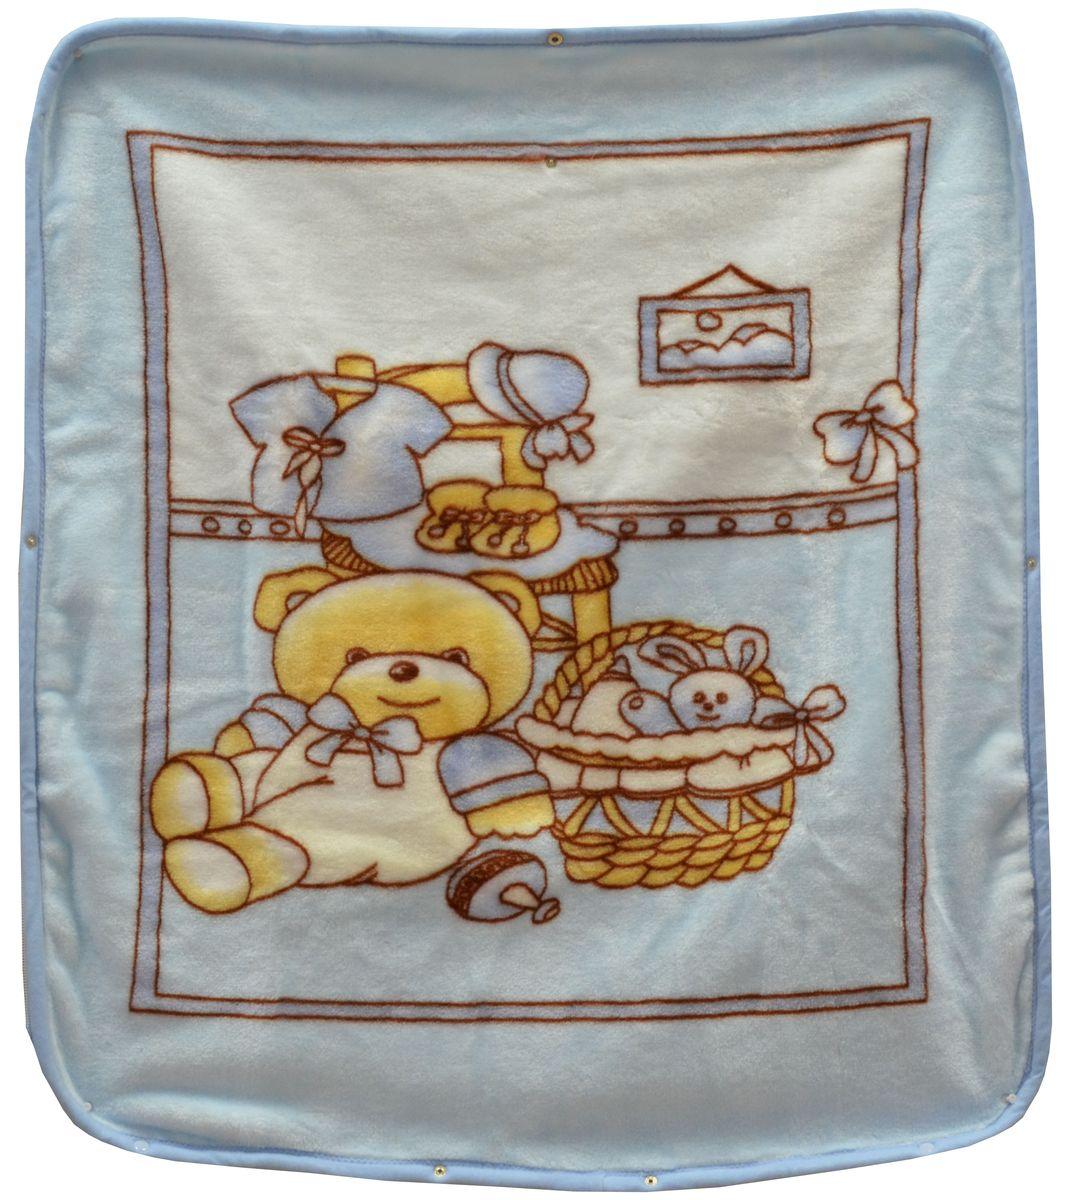 Bonne Fee Плед-накидка для младенцев на молнии 1, 80 х 90 см, цвет: голубой103685Плед-накидка для младенцев на молнии Bonne Fee - защита, тепло и комфорт для малышей - использован надёжный, качественный и мягкий материал! Удобство и спокойствие для родителей обеспечивается универсальностью пледа-накидки, конструкция которого позволяет ему легко превращаться в конвертик. Отличное качество и практичность! Любите своего ребёнка и дарите ему лучшее!